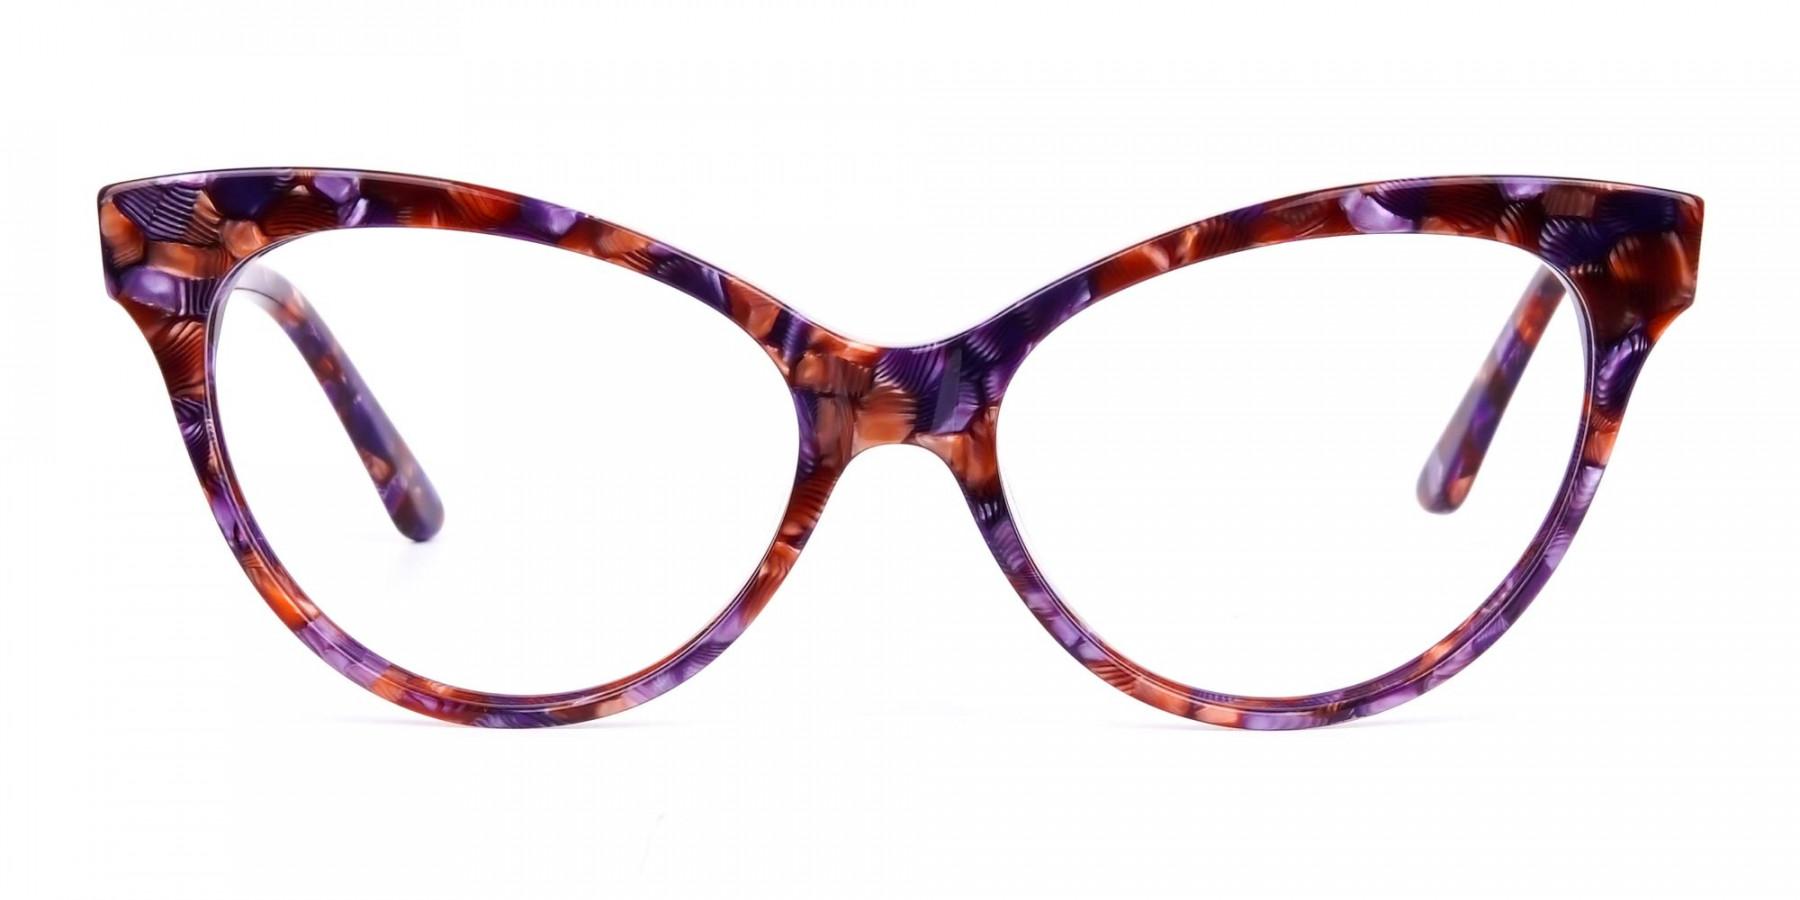 Brown-Tortoise-Cat-Eye-Glasses-Frames-1